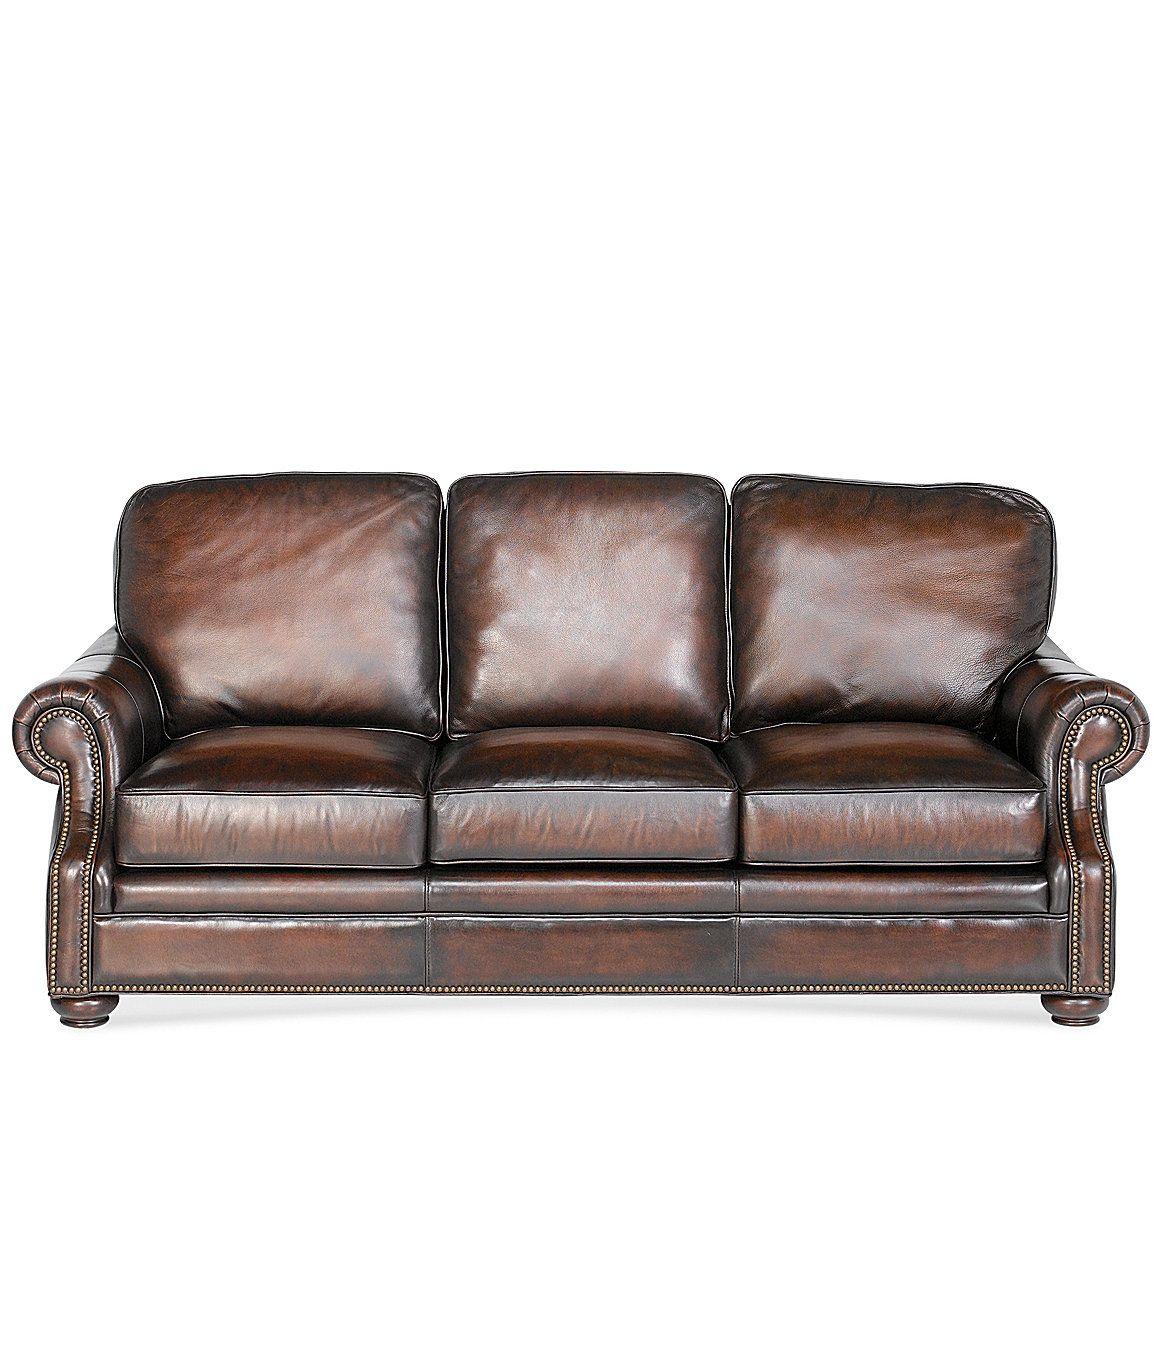 """Dillards Furniture Sale: Bradington Young """"Chateau"""" Leather Sofa"""